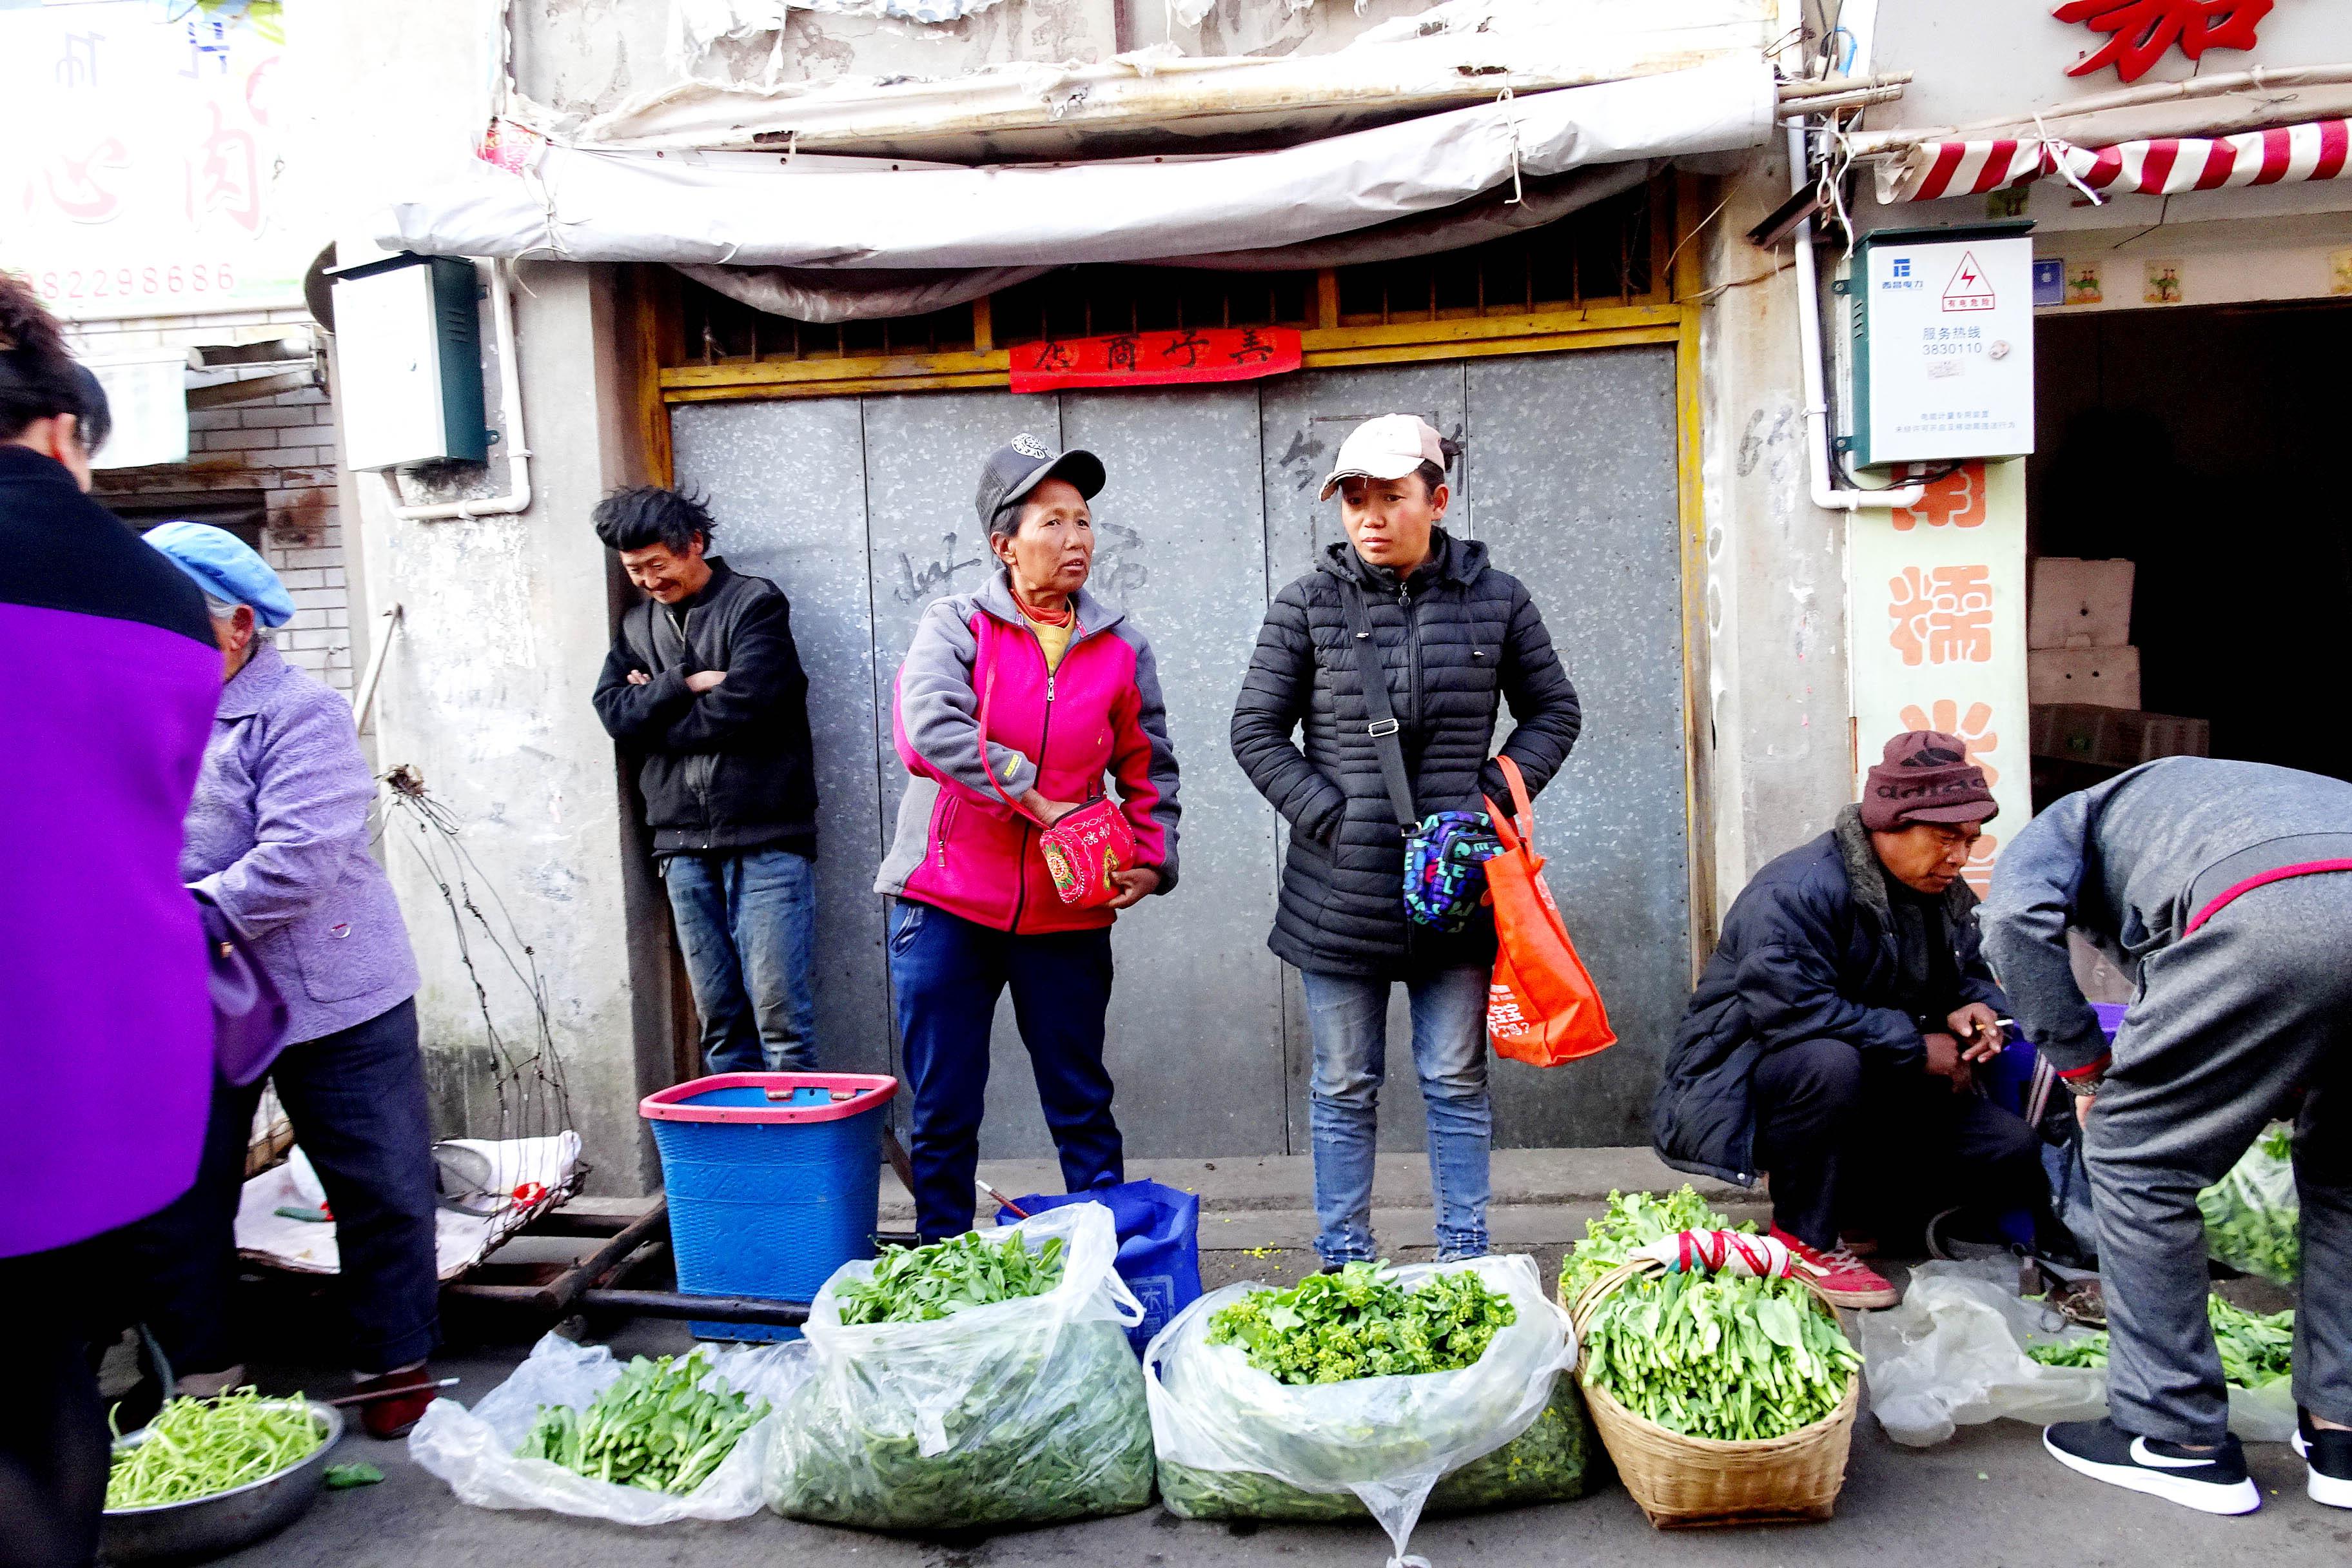 西昌古城的农村集市